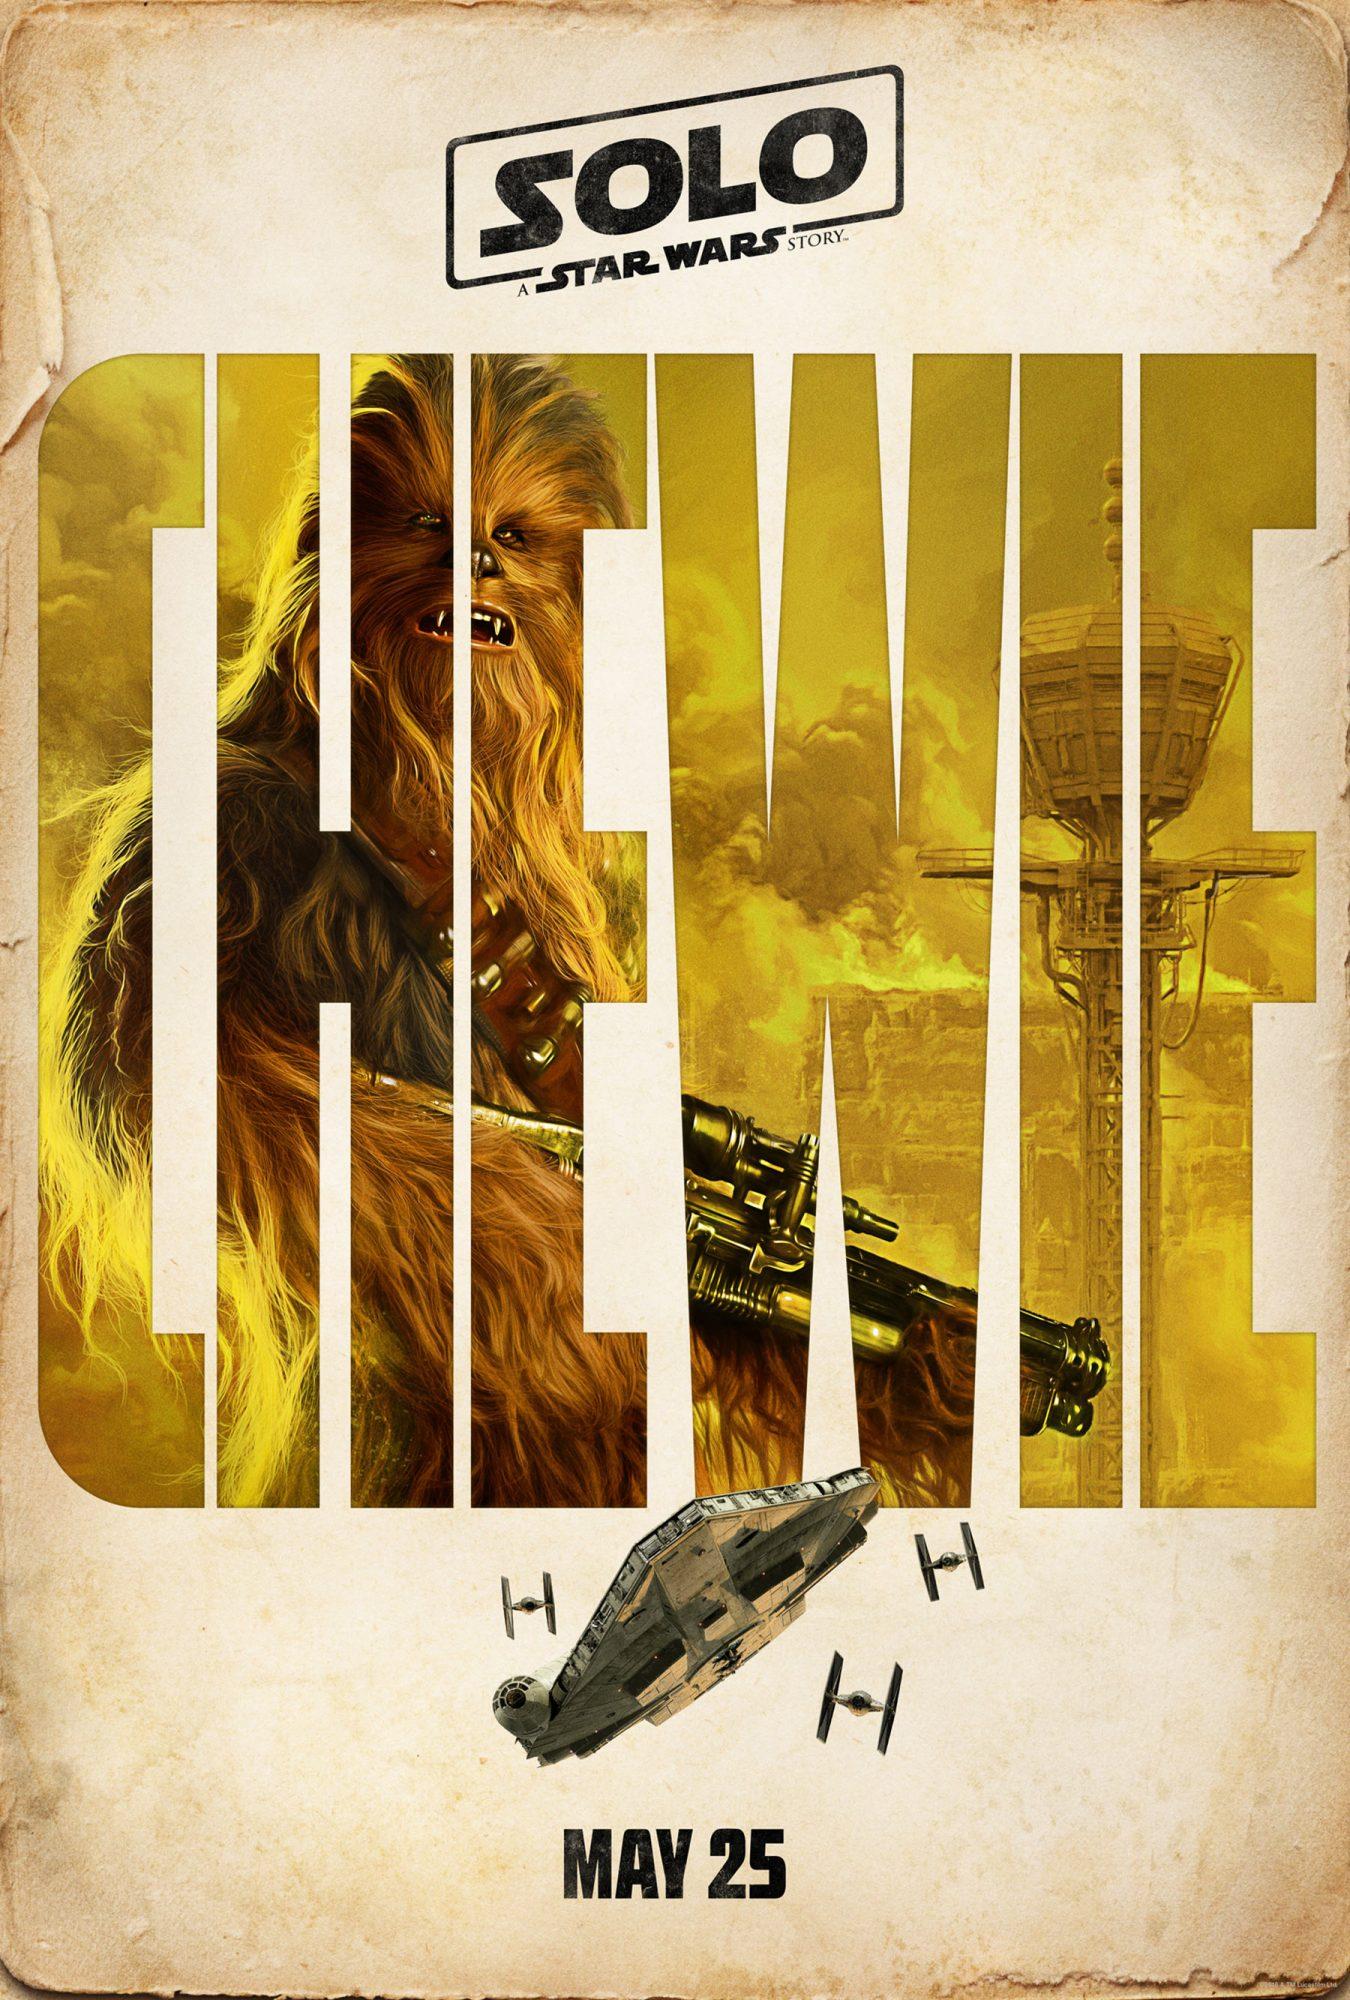 Solo_CharacterTeaser_1-Sht_Online_Chewie_v2_lg